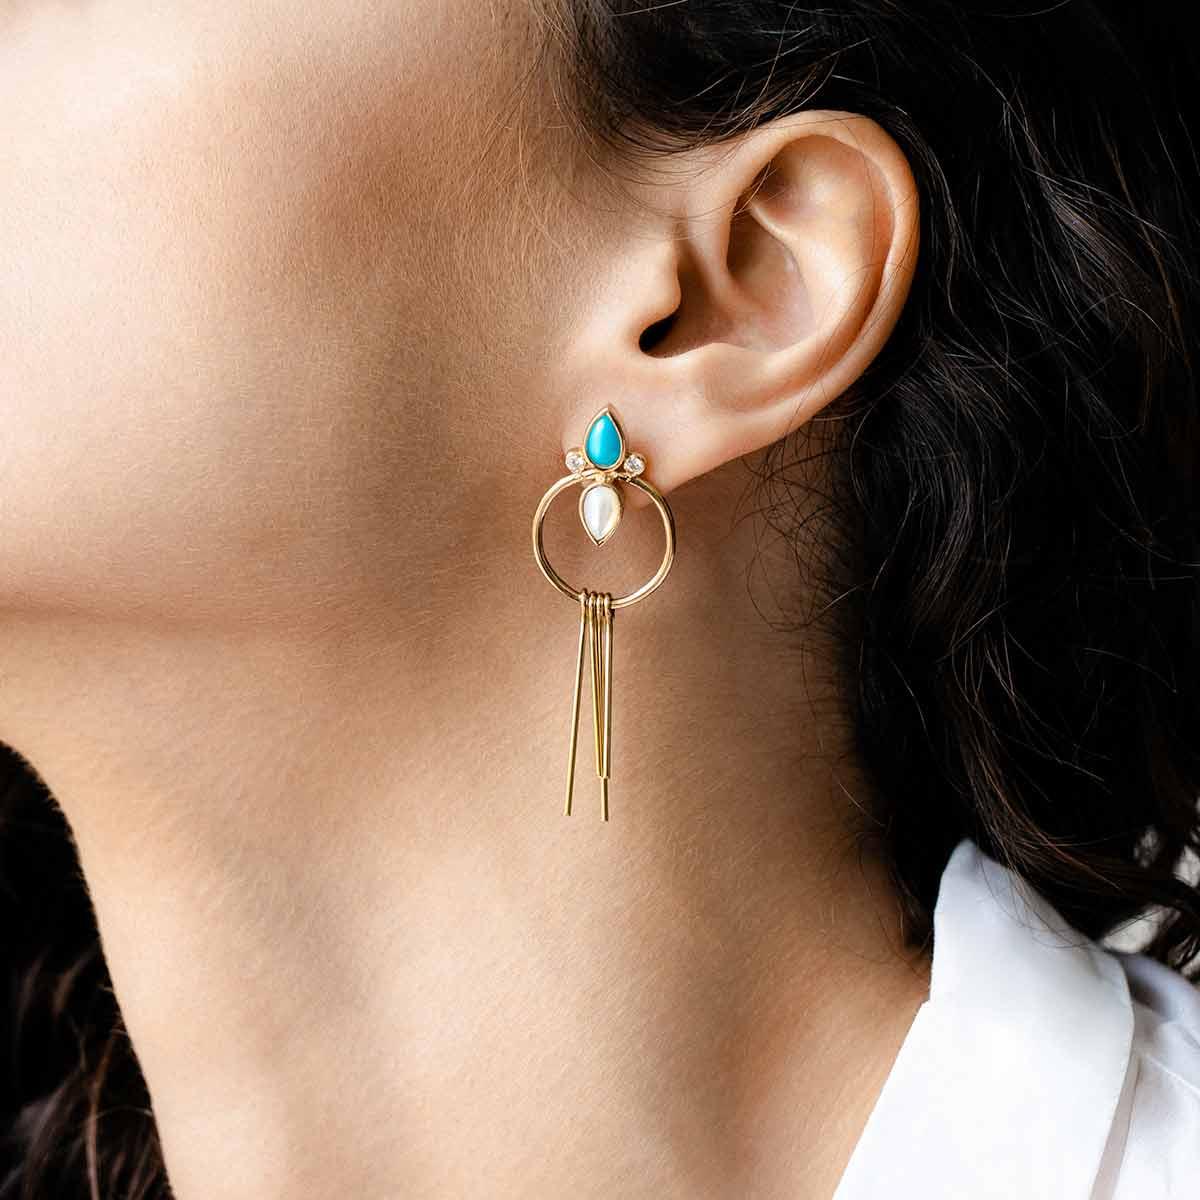 گوشواره طلا آتنا (الهه زیبایی) پرسته